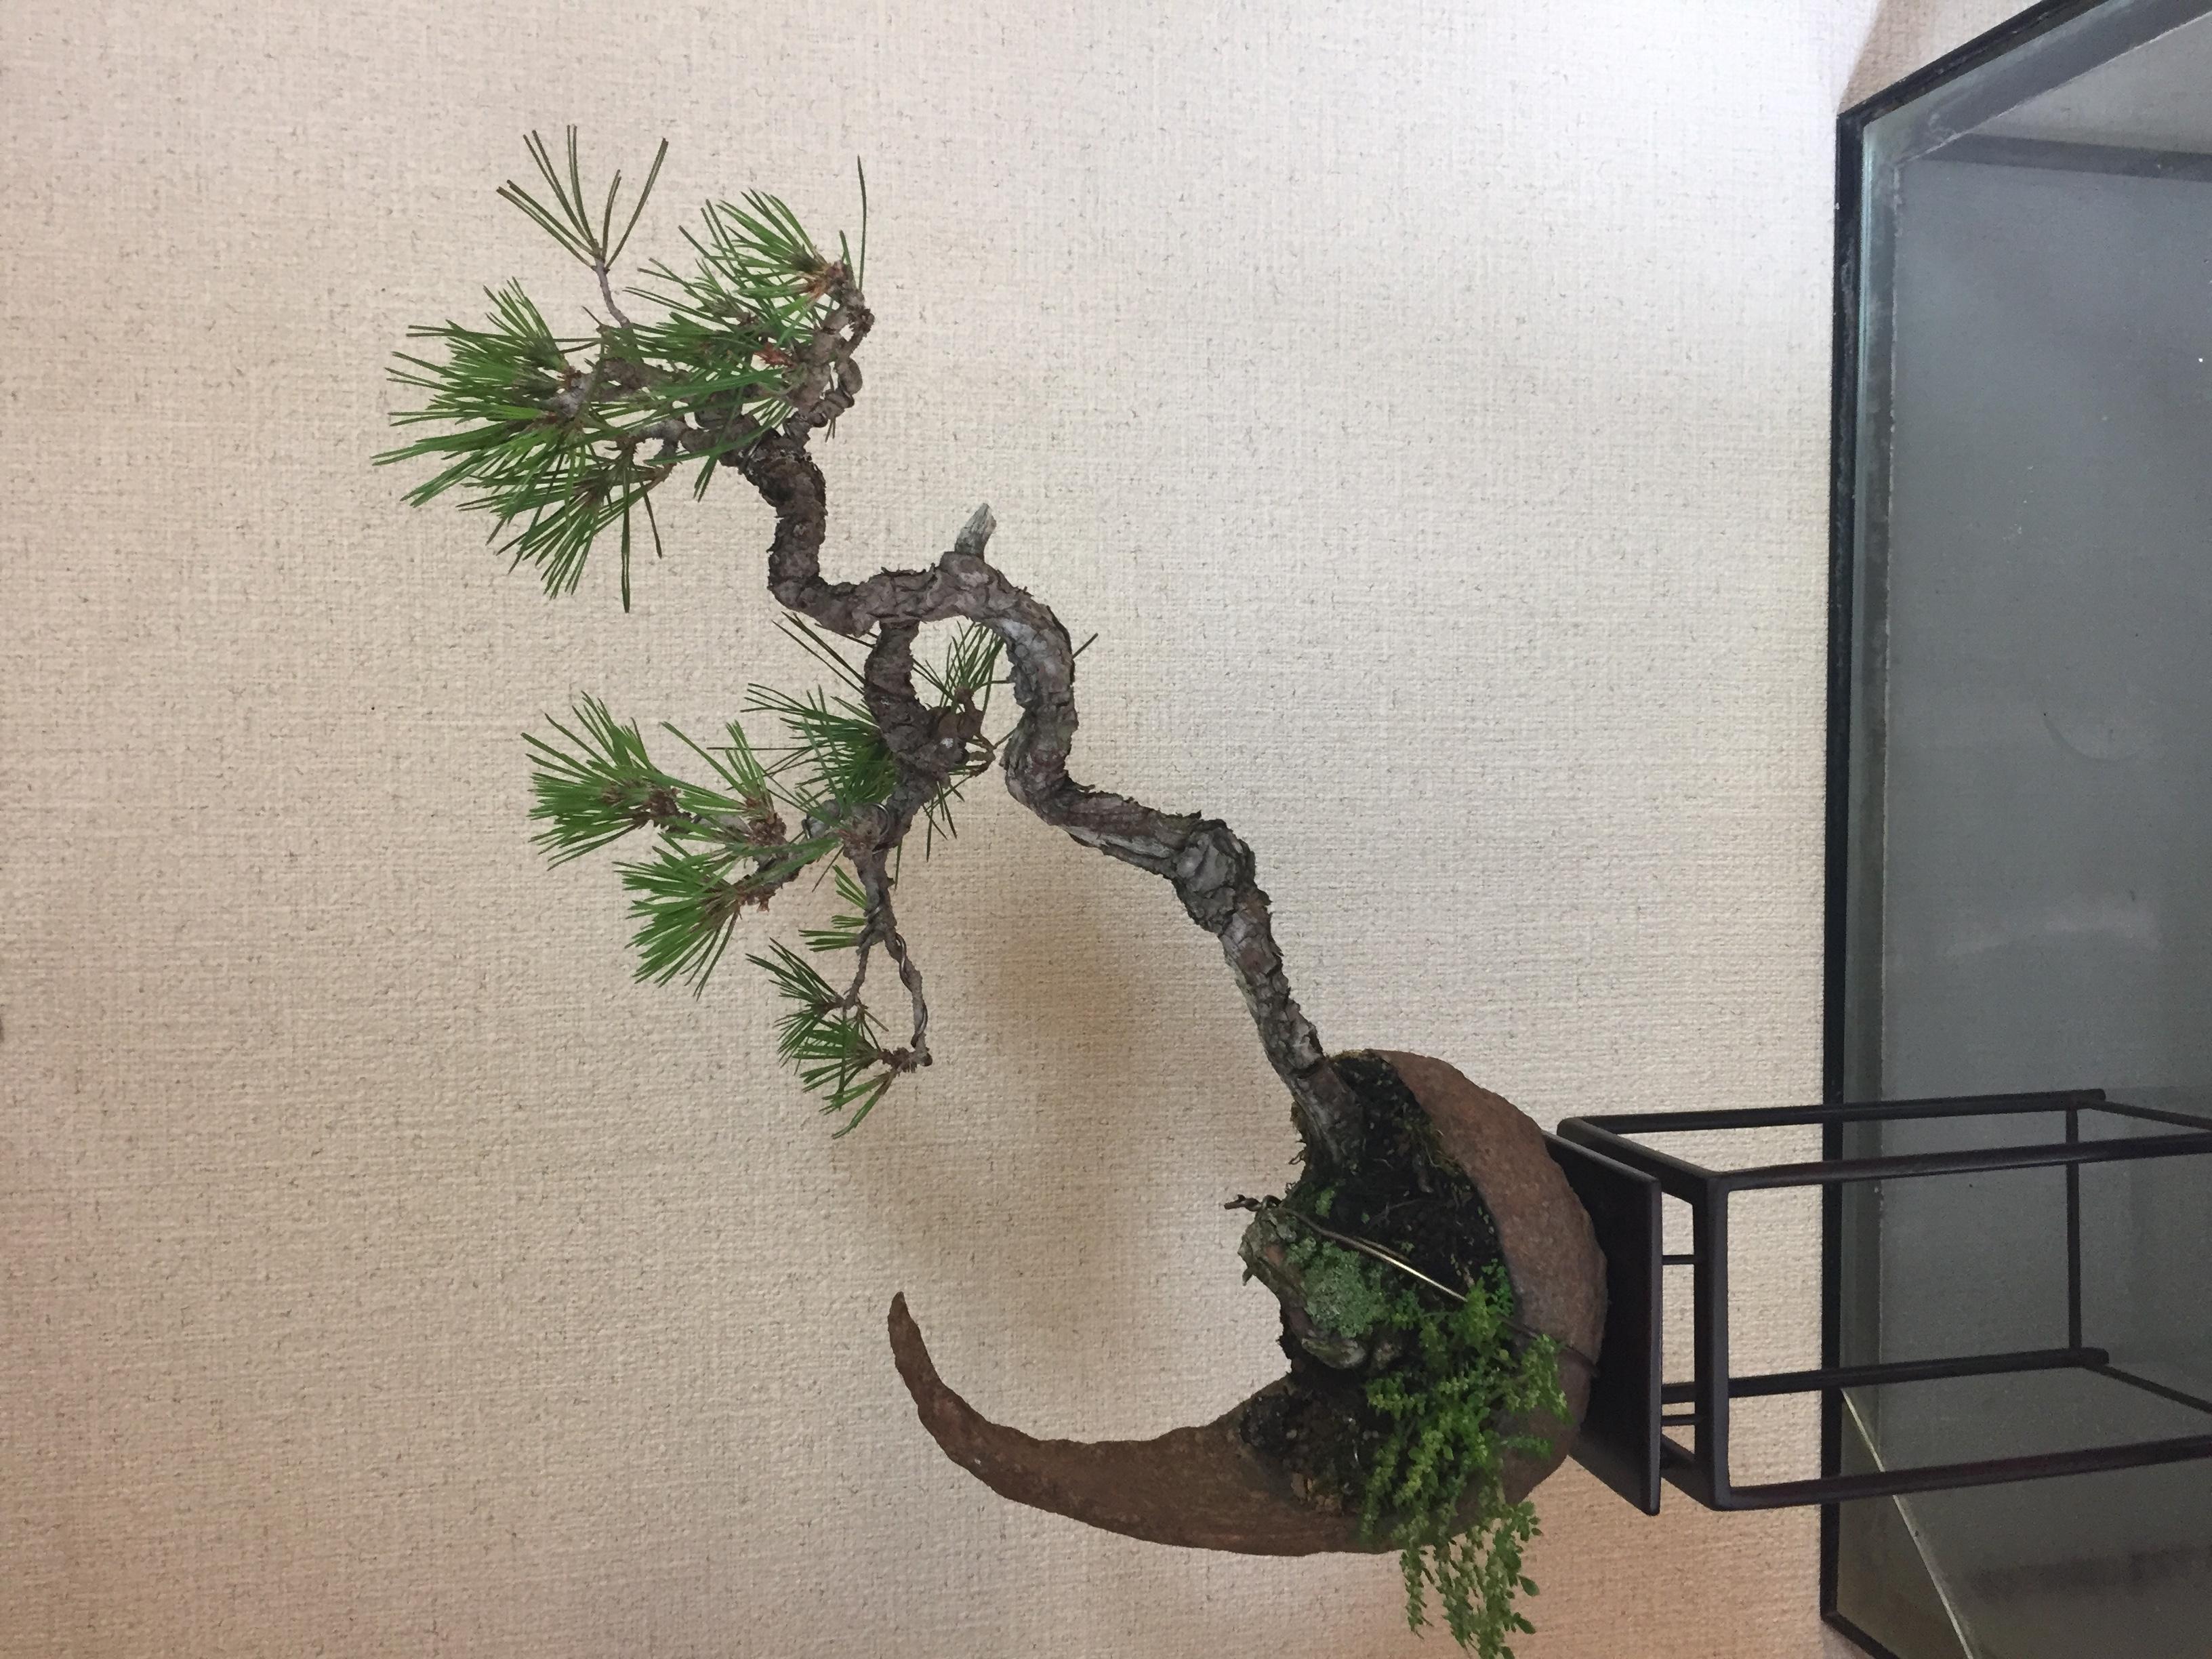 成彦 Shigehiko 盆栽 Bonsai / 赤松 アカマツ 鞍馬石